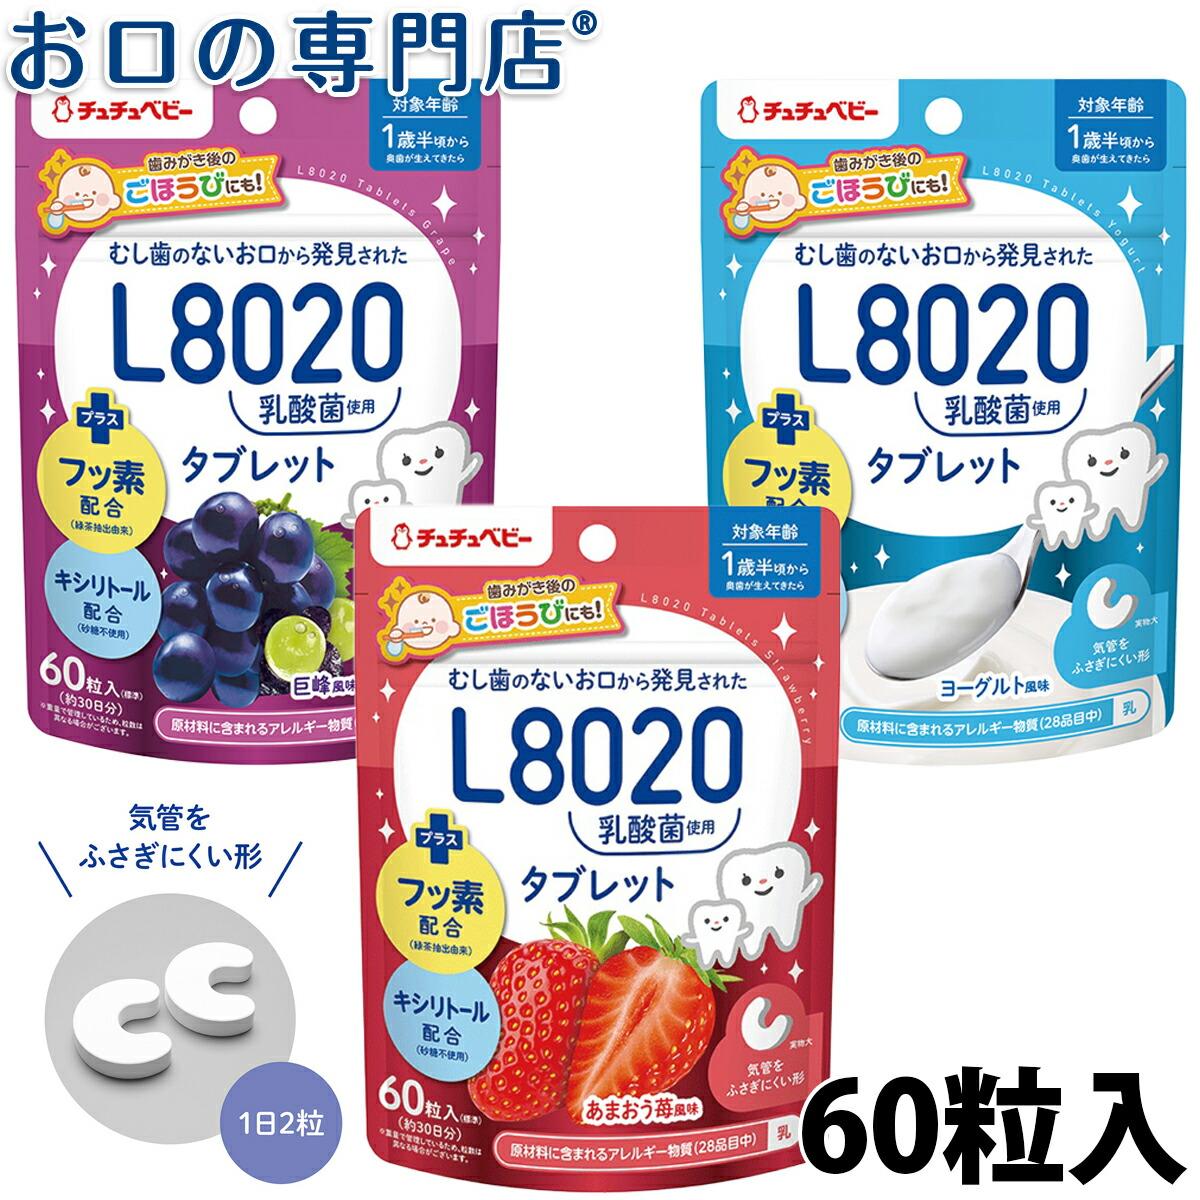 【学校歯科保健用品】チュチュベビー L8020乳酸菌タブレット 90粒入(ヨーグルト)【メール便10セットまでOK】